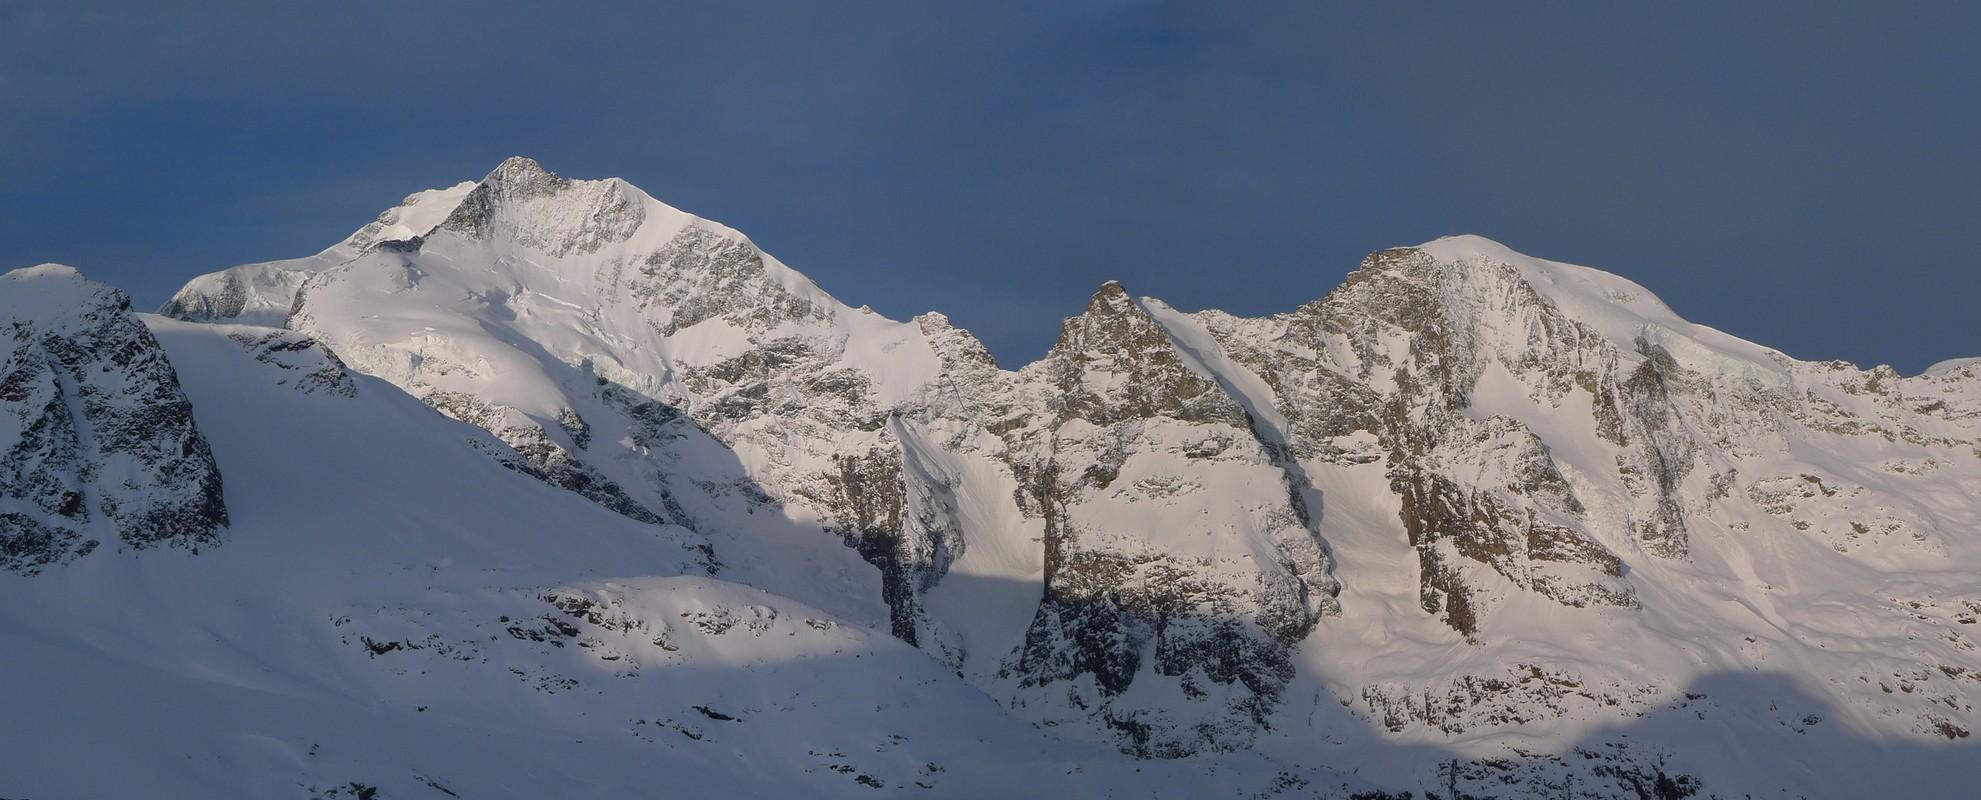 Piz Palü Bernina Switzerland panorama 01